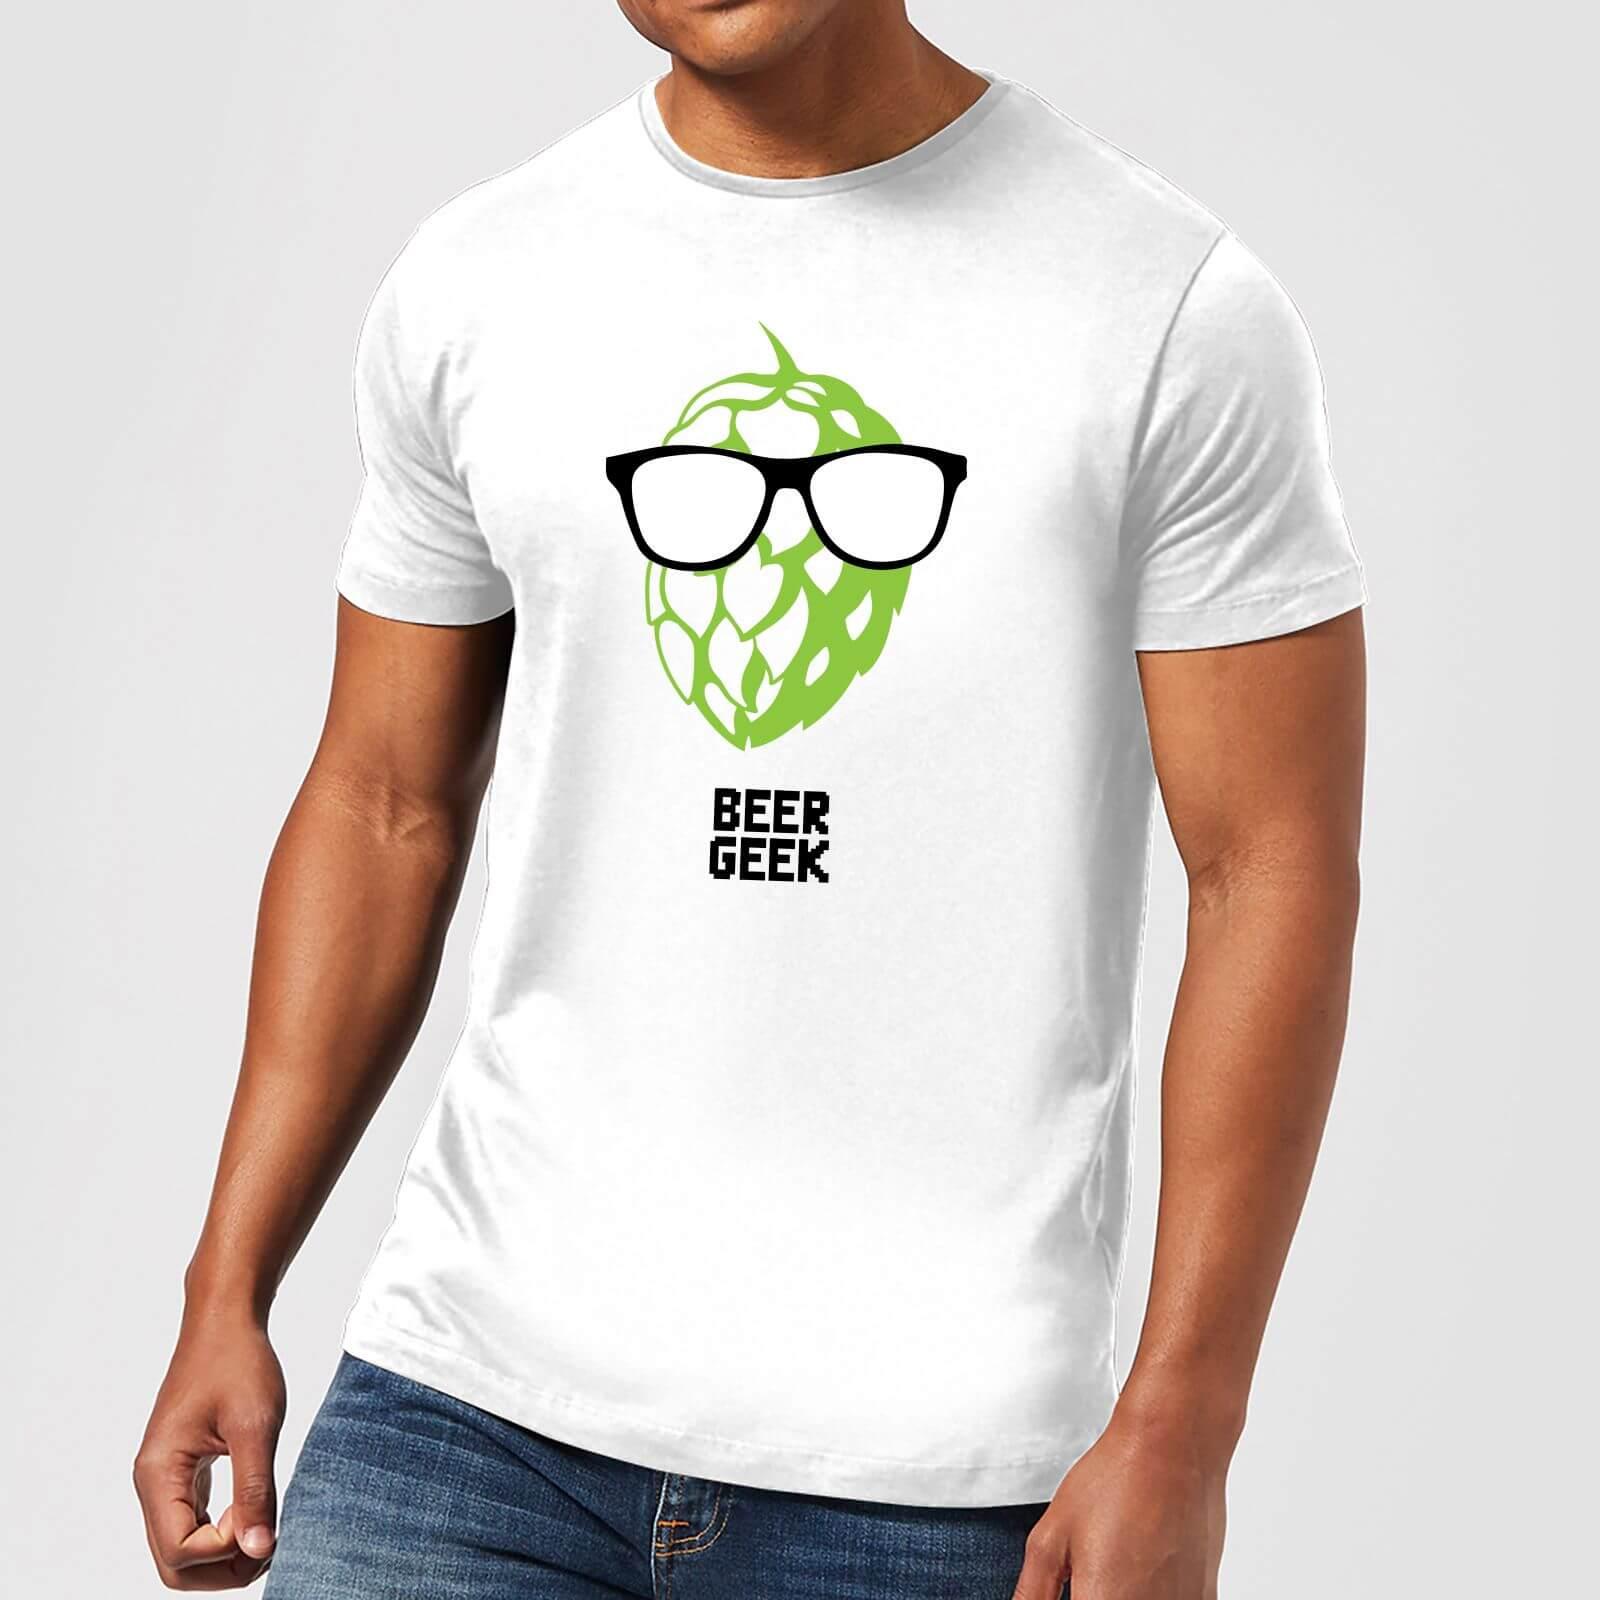 Beershield Beer Geek Men's T-Shirt - S - White